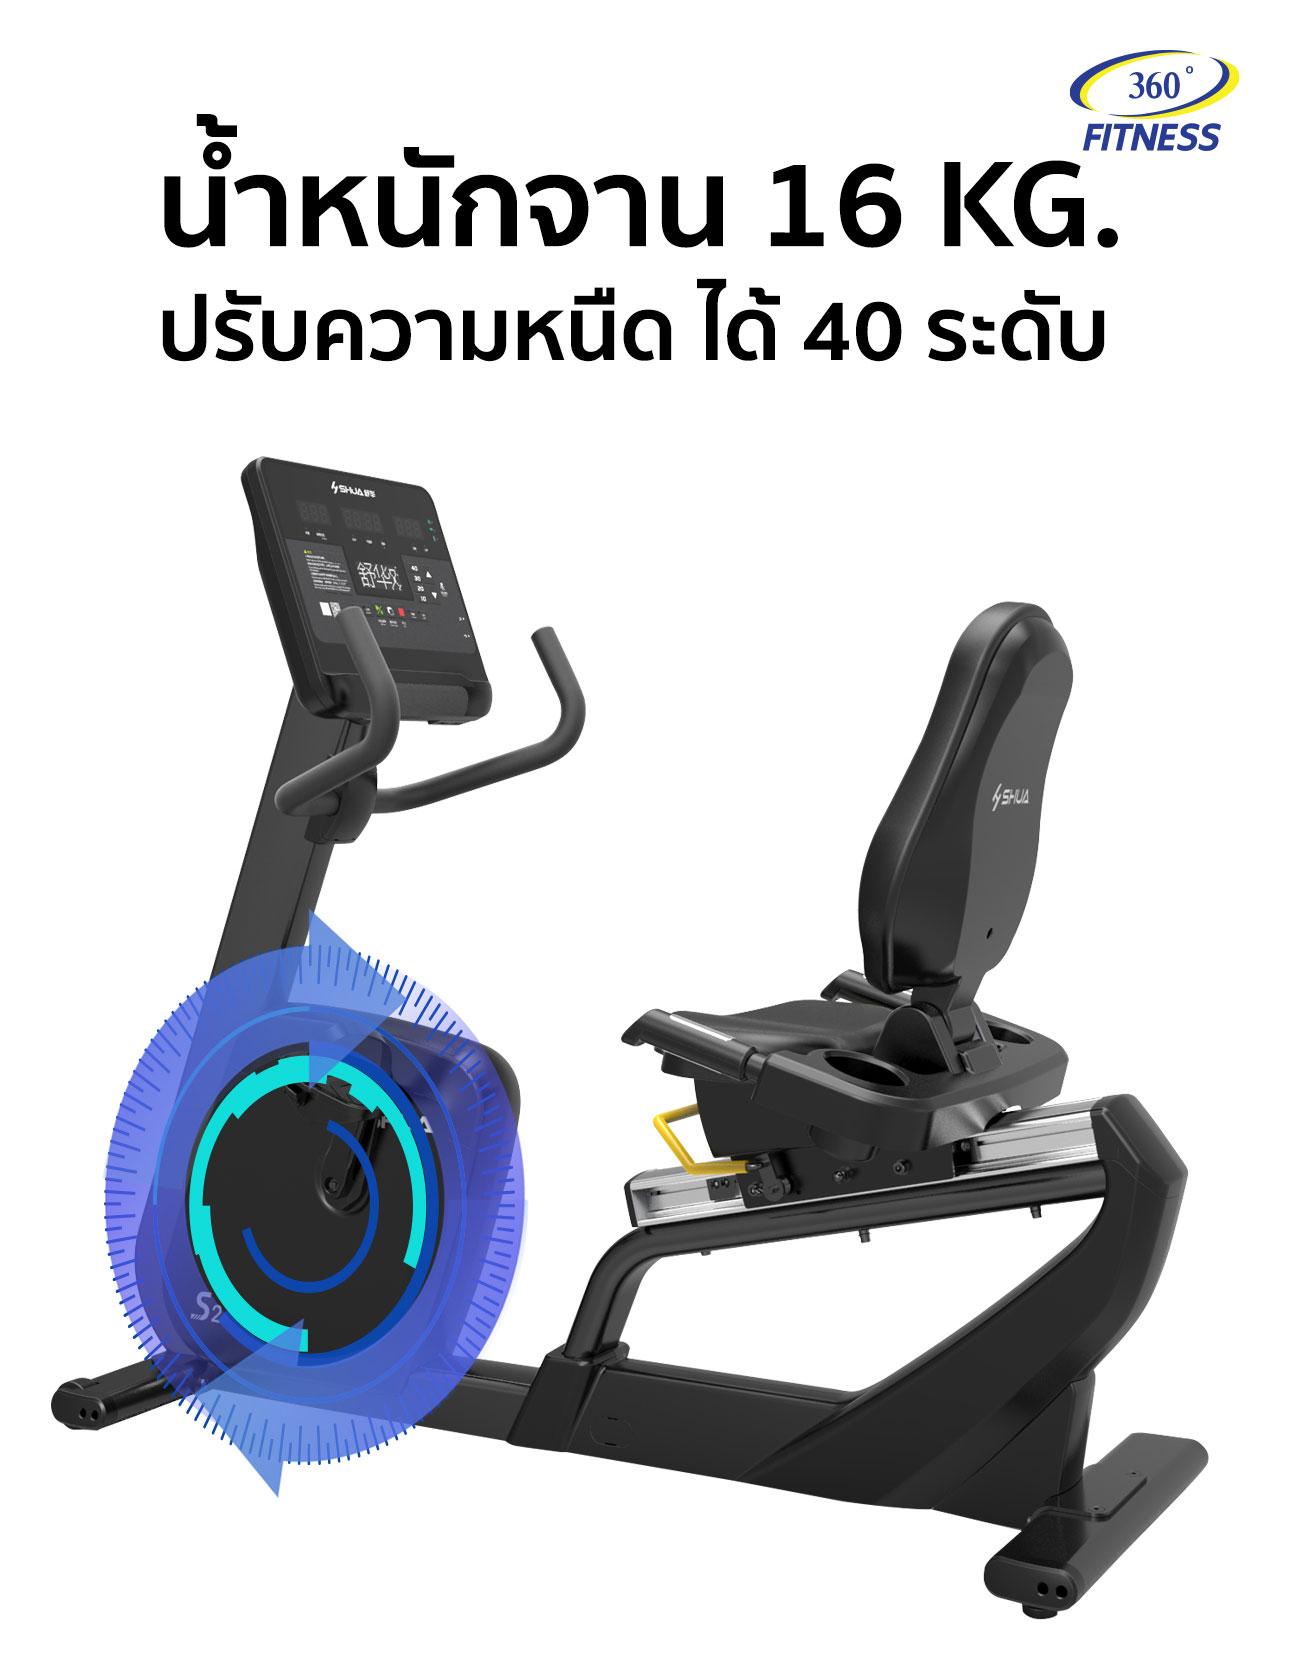 จักรยานเอนปั่น 360องศา ฟิตเนส รุ่น SH-9100R